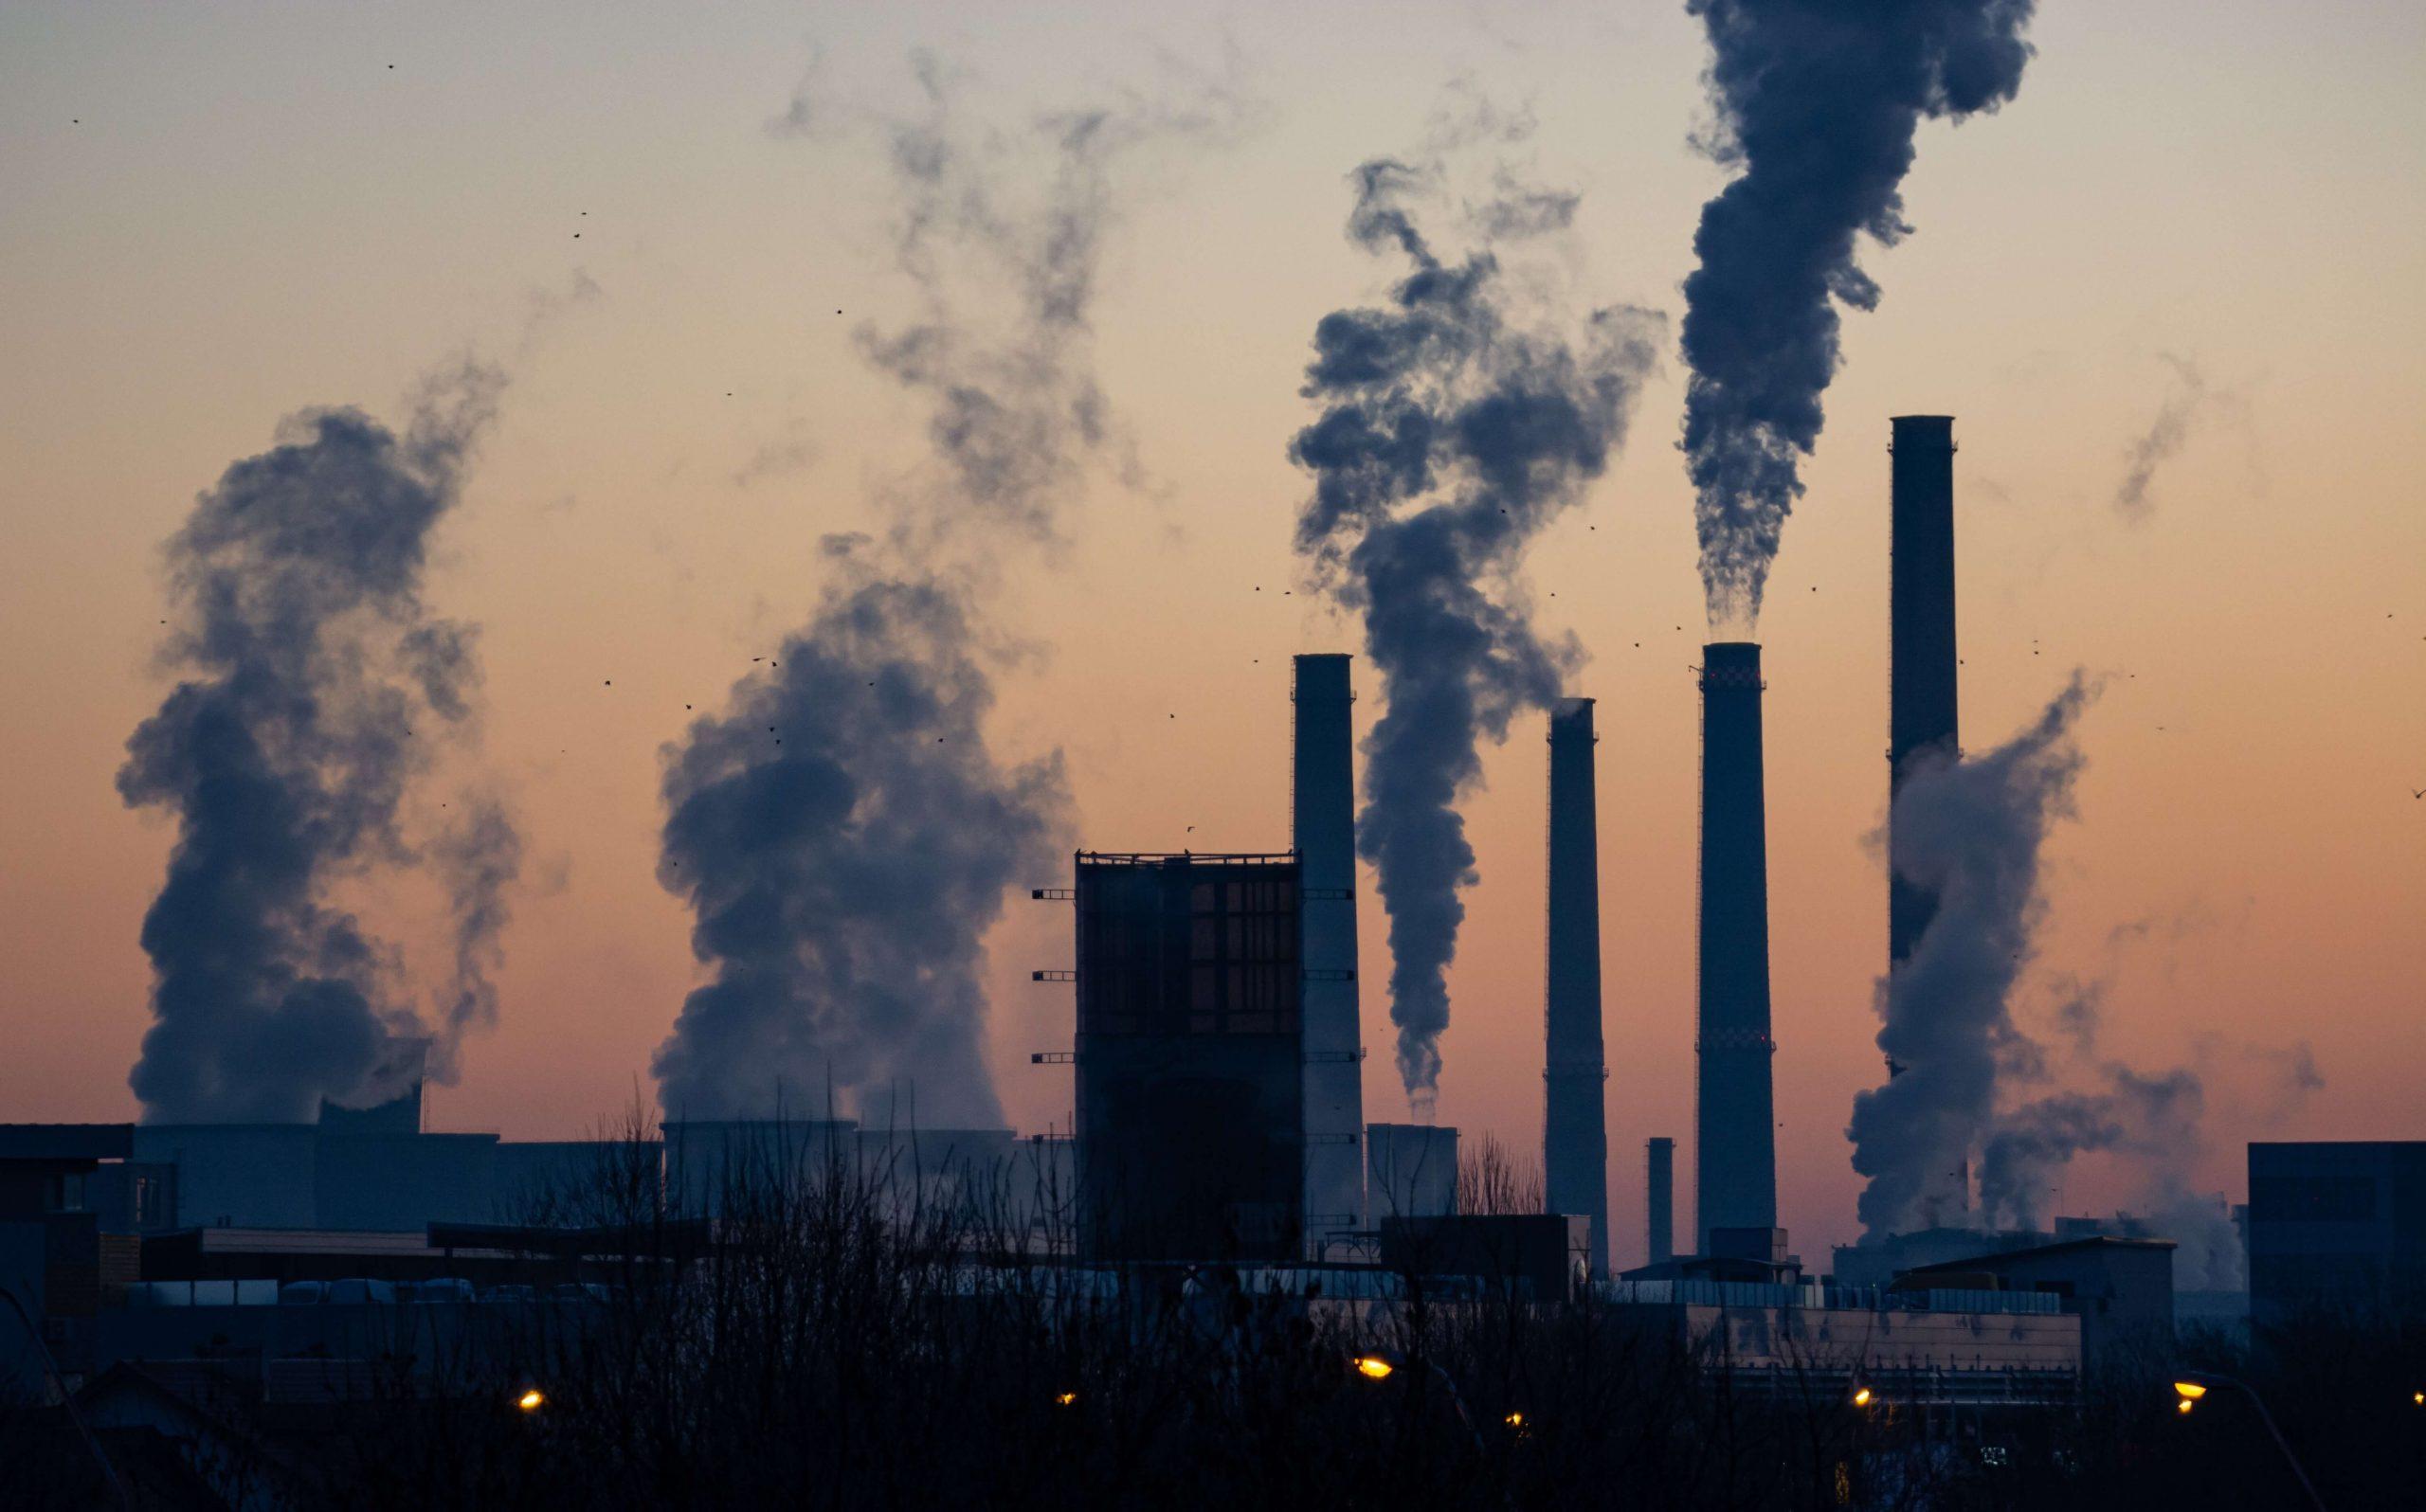 O excesso de poluição é um dos motivos para fazer detox no corpo.